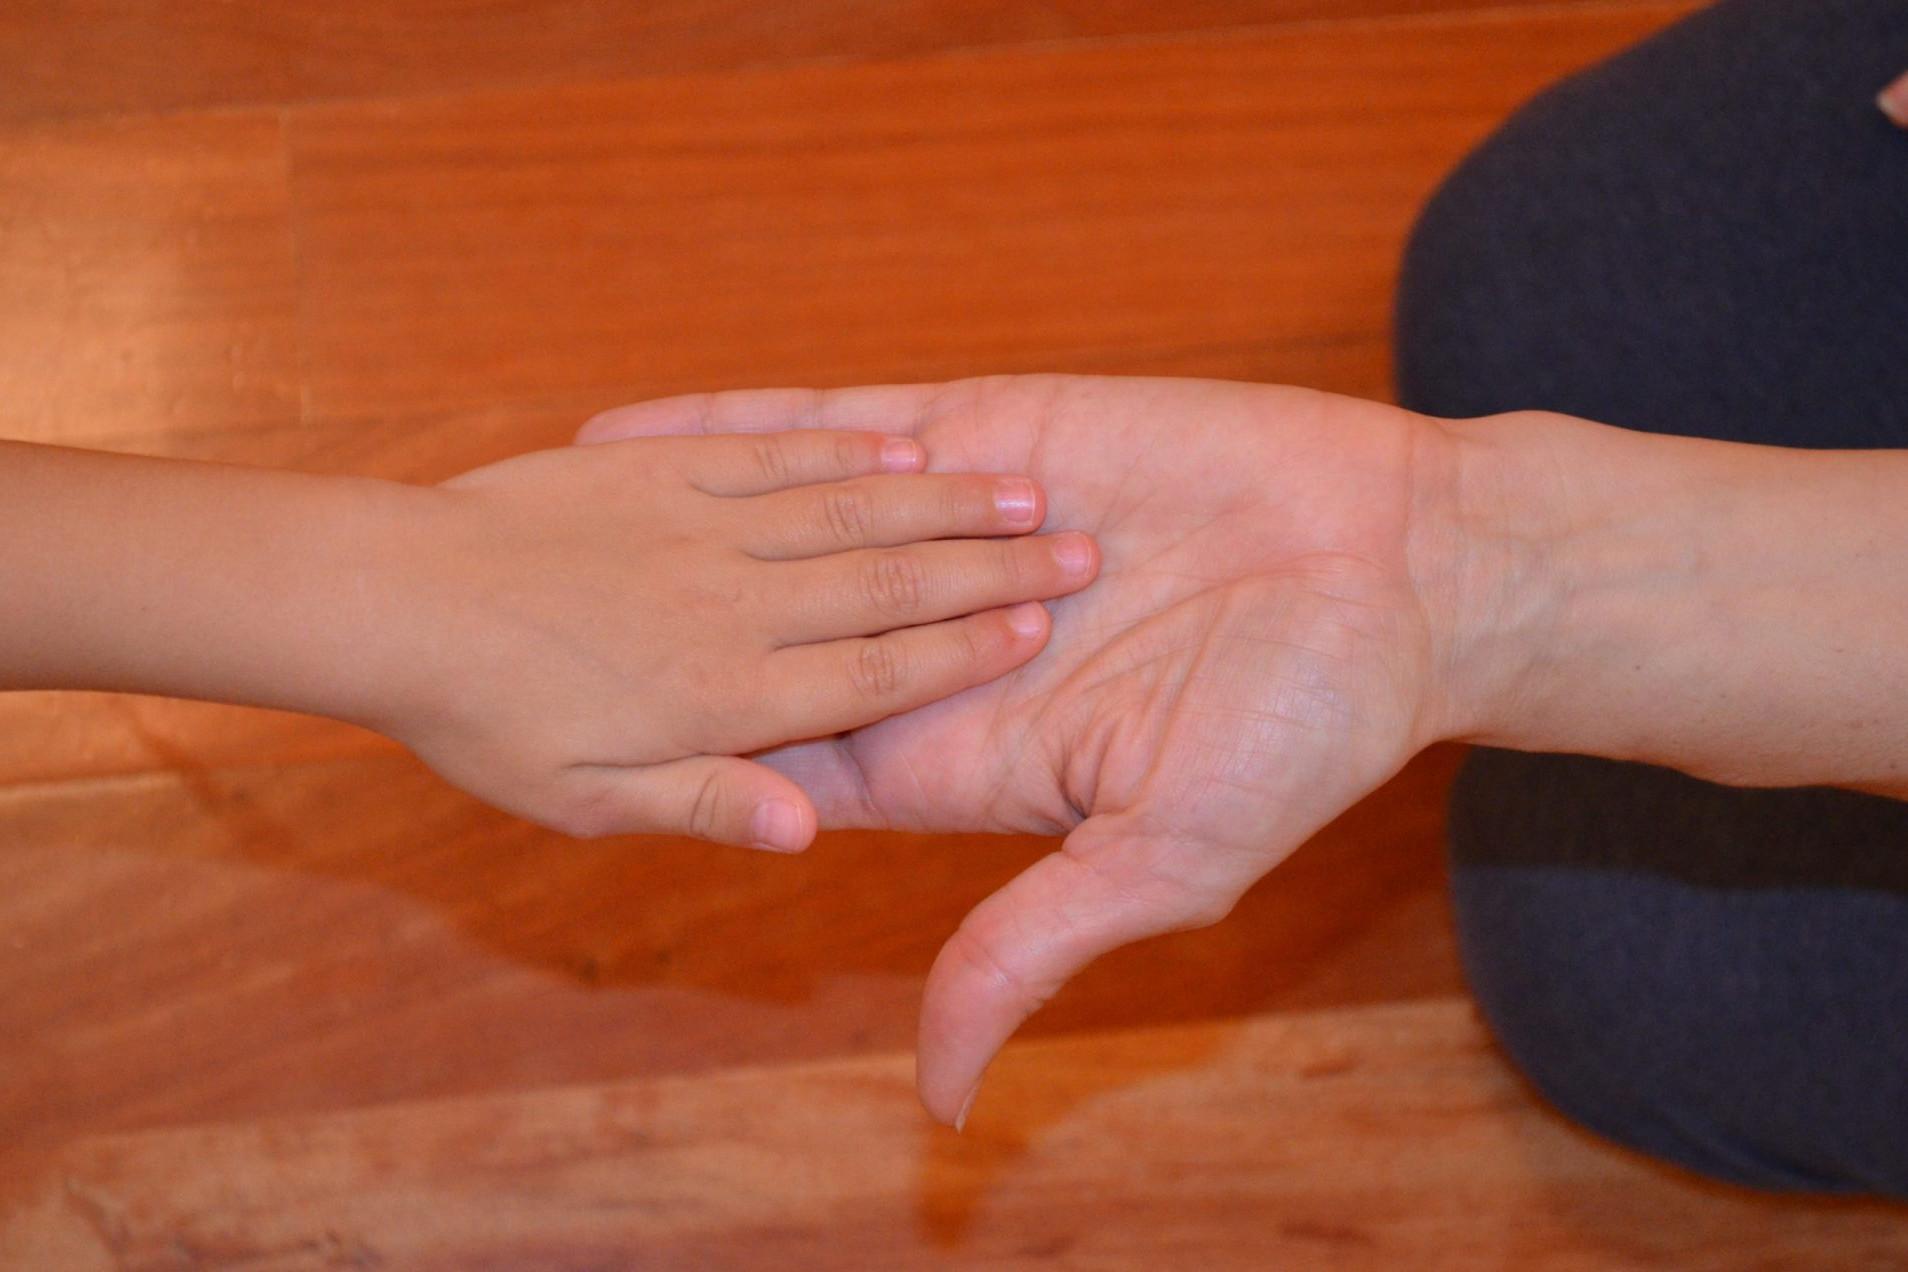 Foto de la mano de Sandra Santa Cruz la salud es lo que prima. Foto de una mano adulta sujetando la mano de una niña